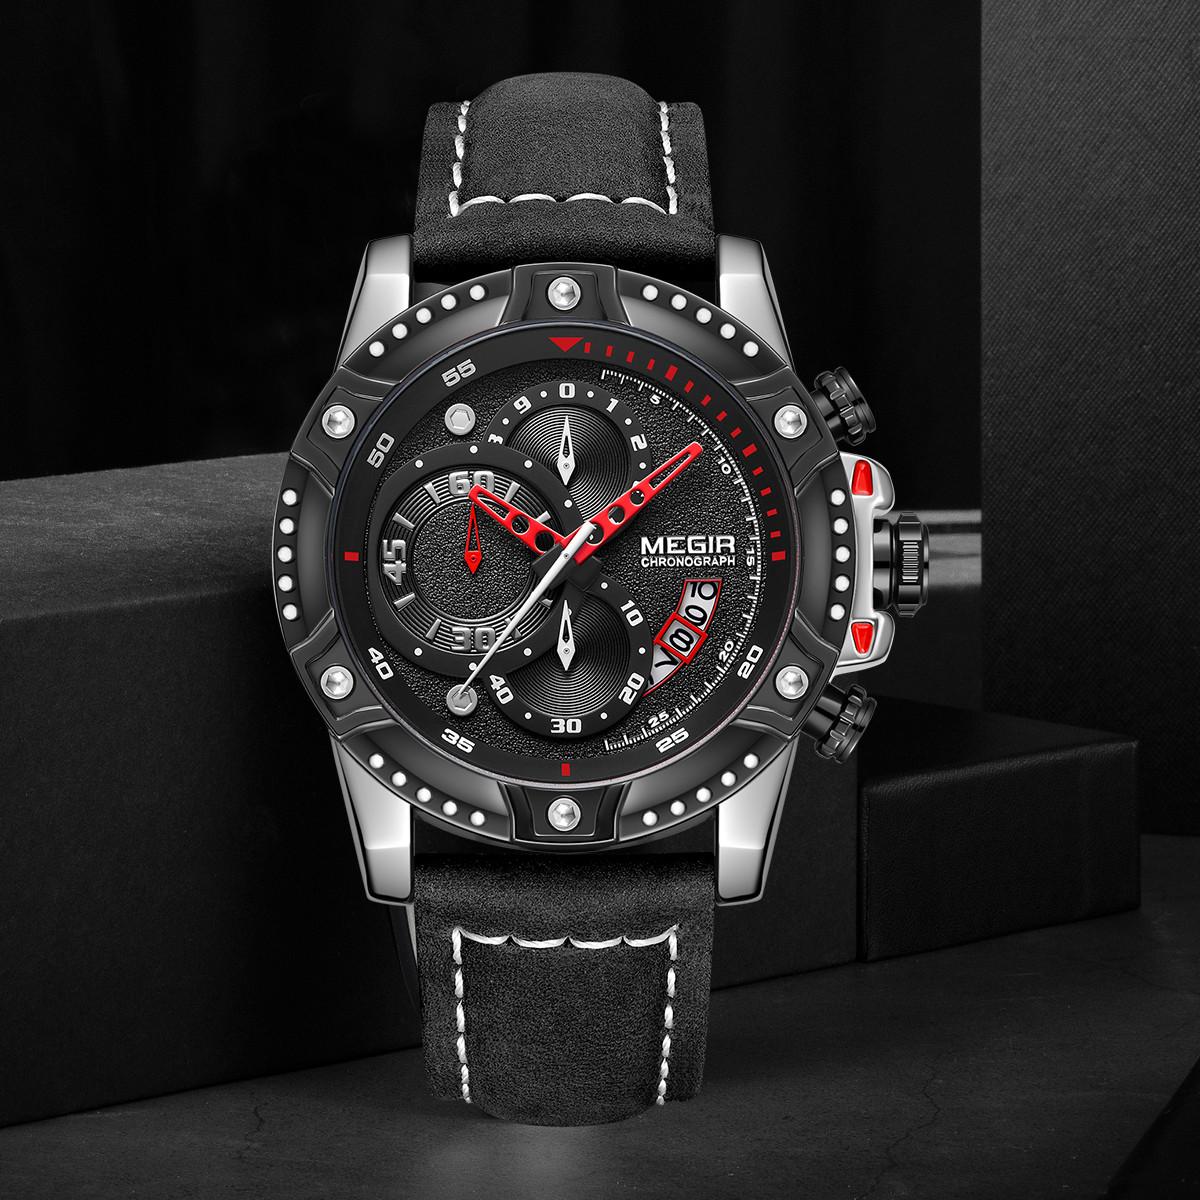 美格尔时尚潮流手表男表多功能计时个性皮带男士手表ML2130GS-BK-1